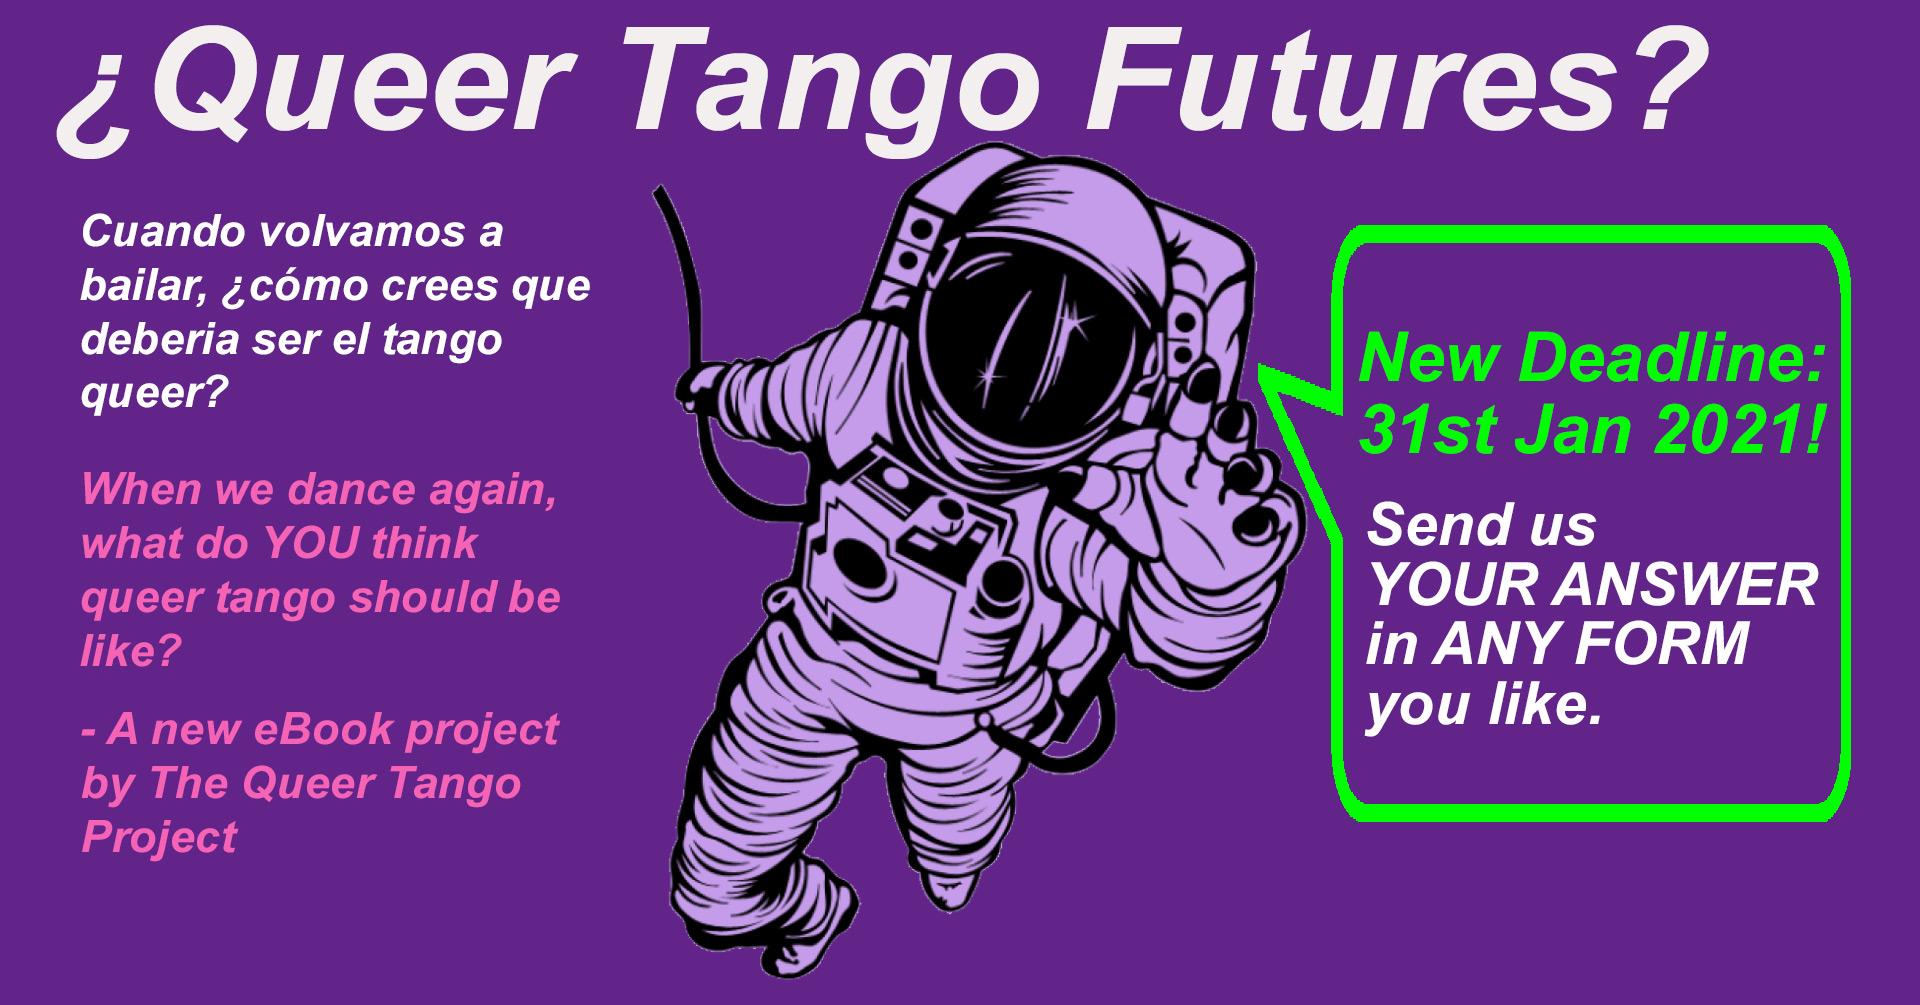 ¿Queer Tango Futures? – New Deadline: 31st Jan 2021